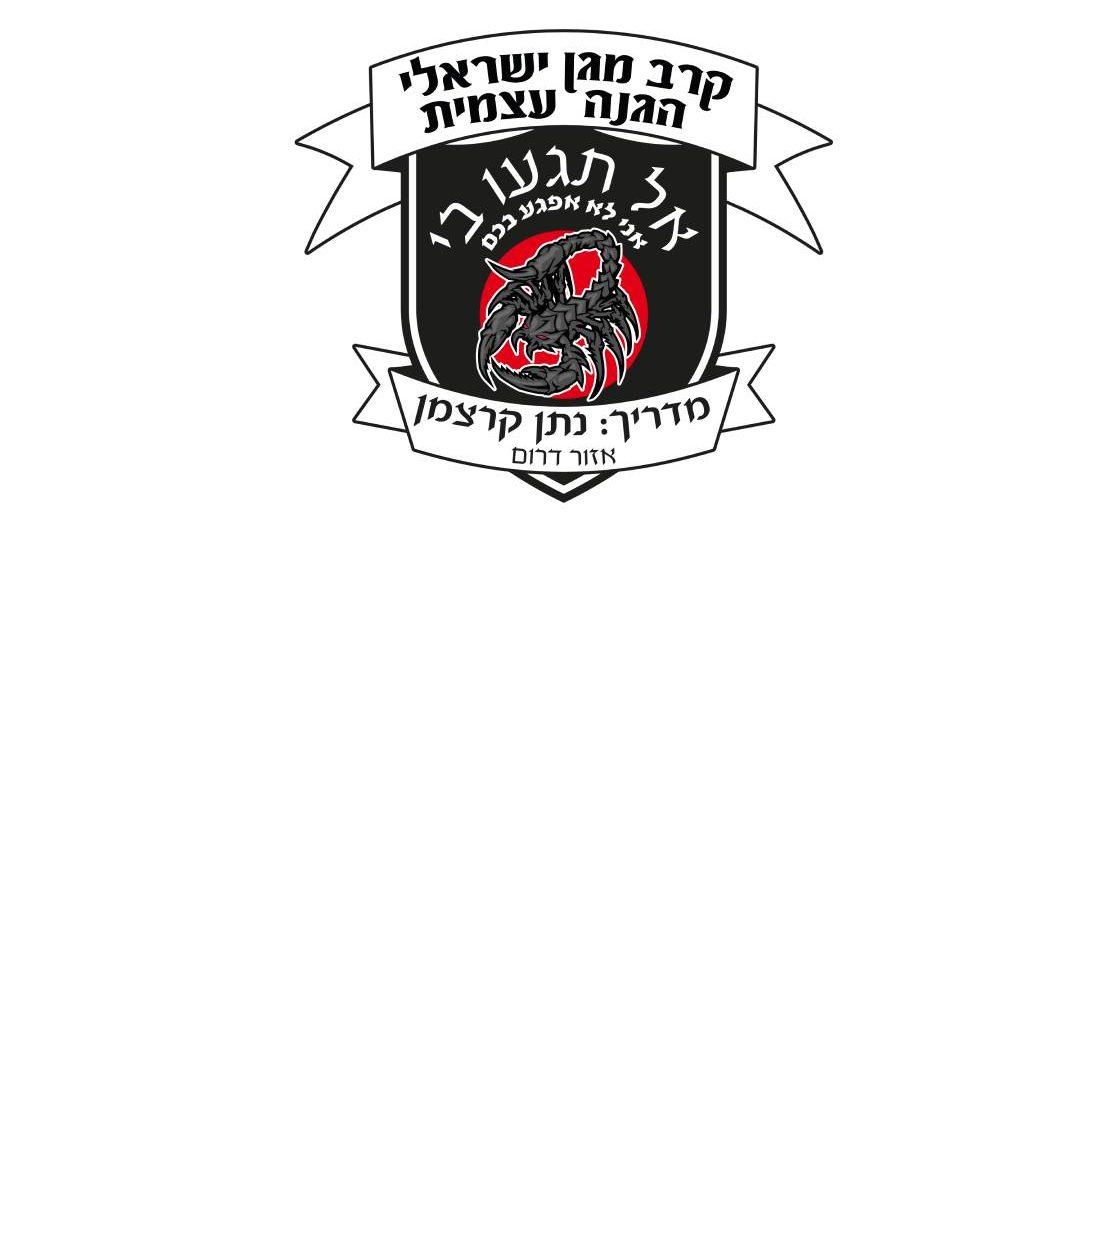 קרב מגע ישראלי והגנה עצמית (לוגו: נתן קרצמן)